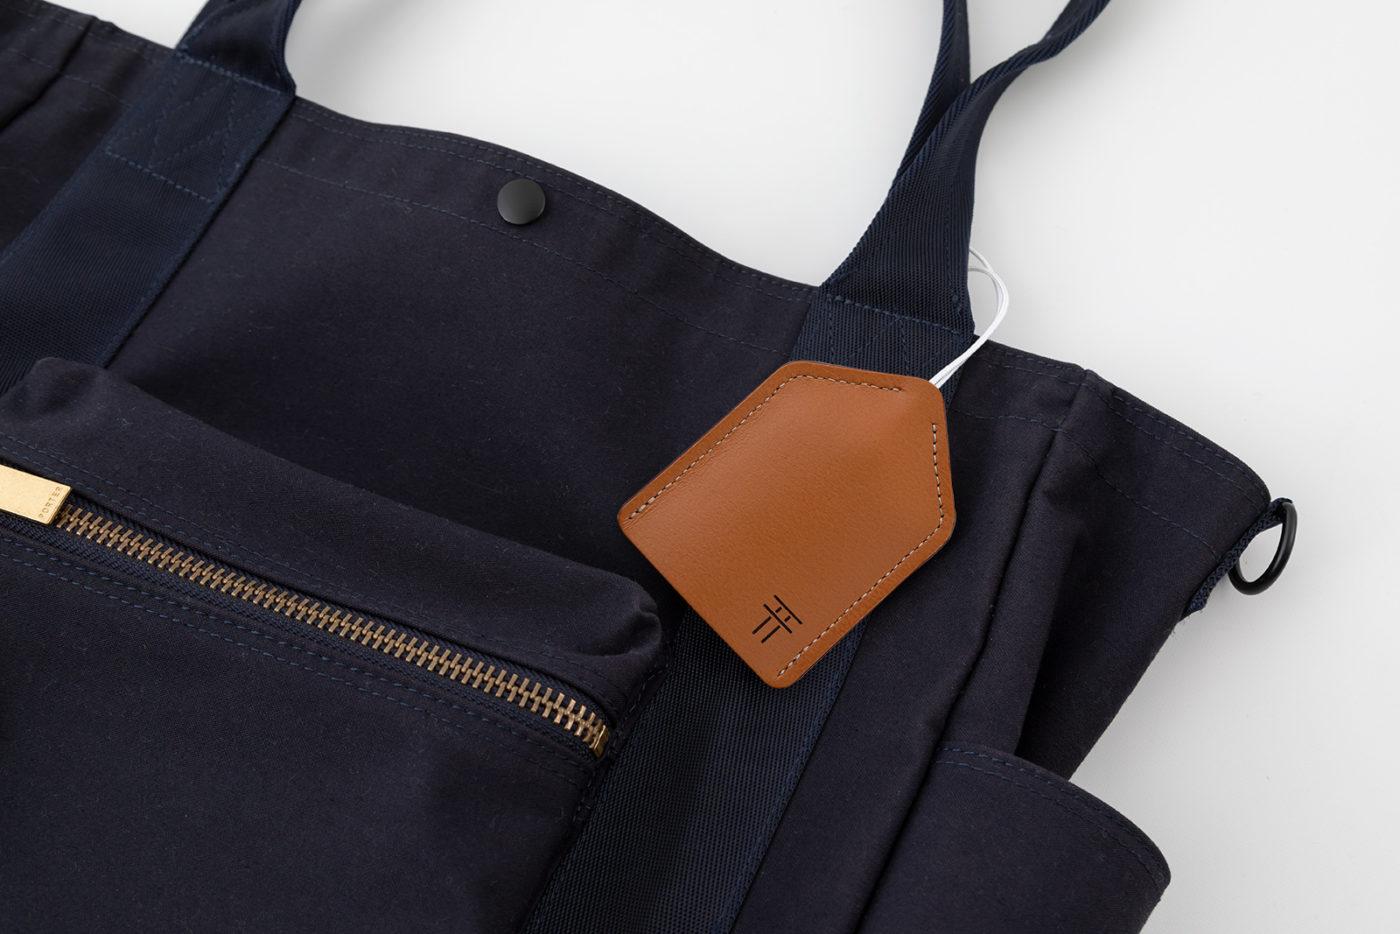 カバンなどに付けても良し。お守りの保護としてバッグにいれ持ち歩いても良しです。